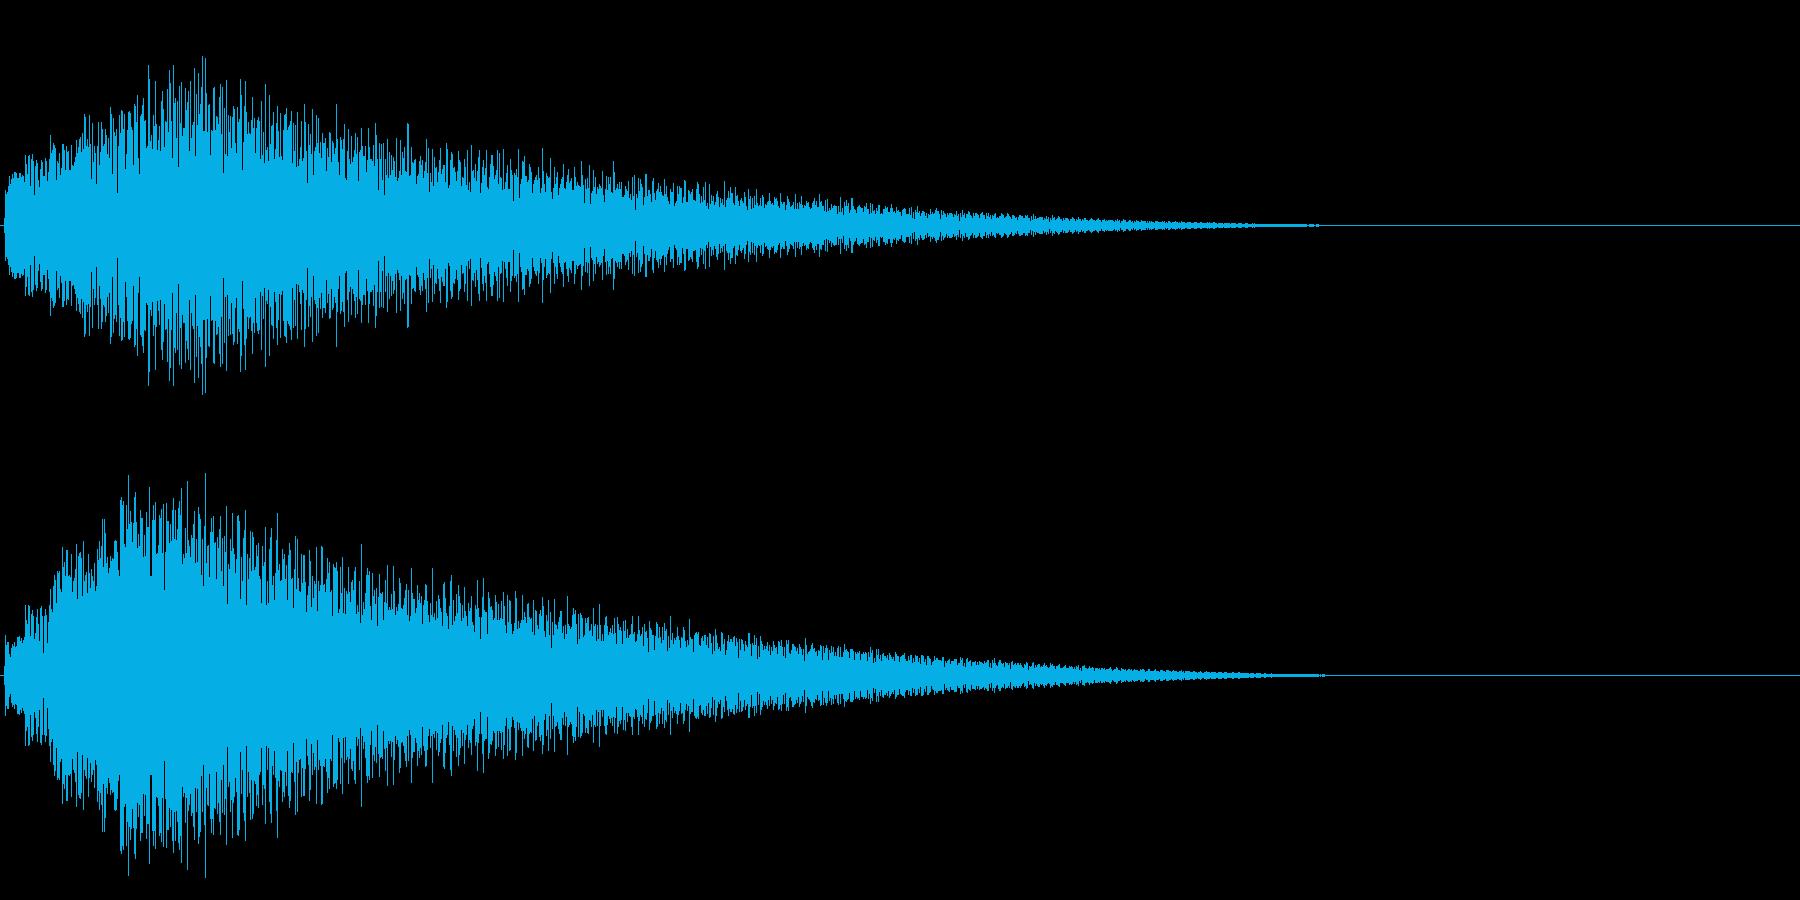 グリッサンド08 ビブラフォン(下降)の再生済みの波形